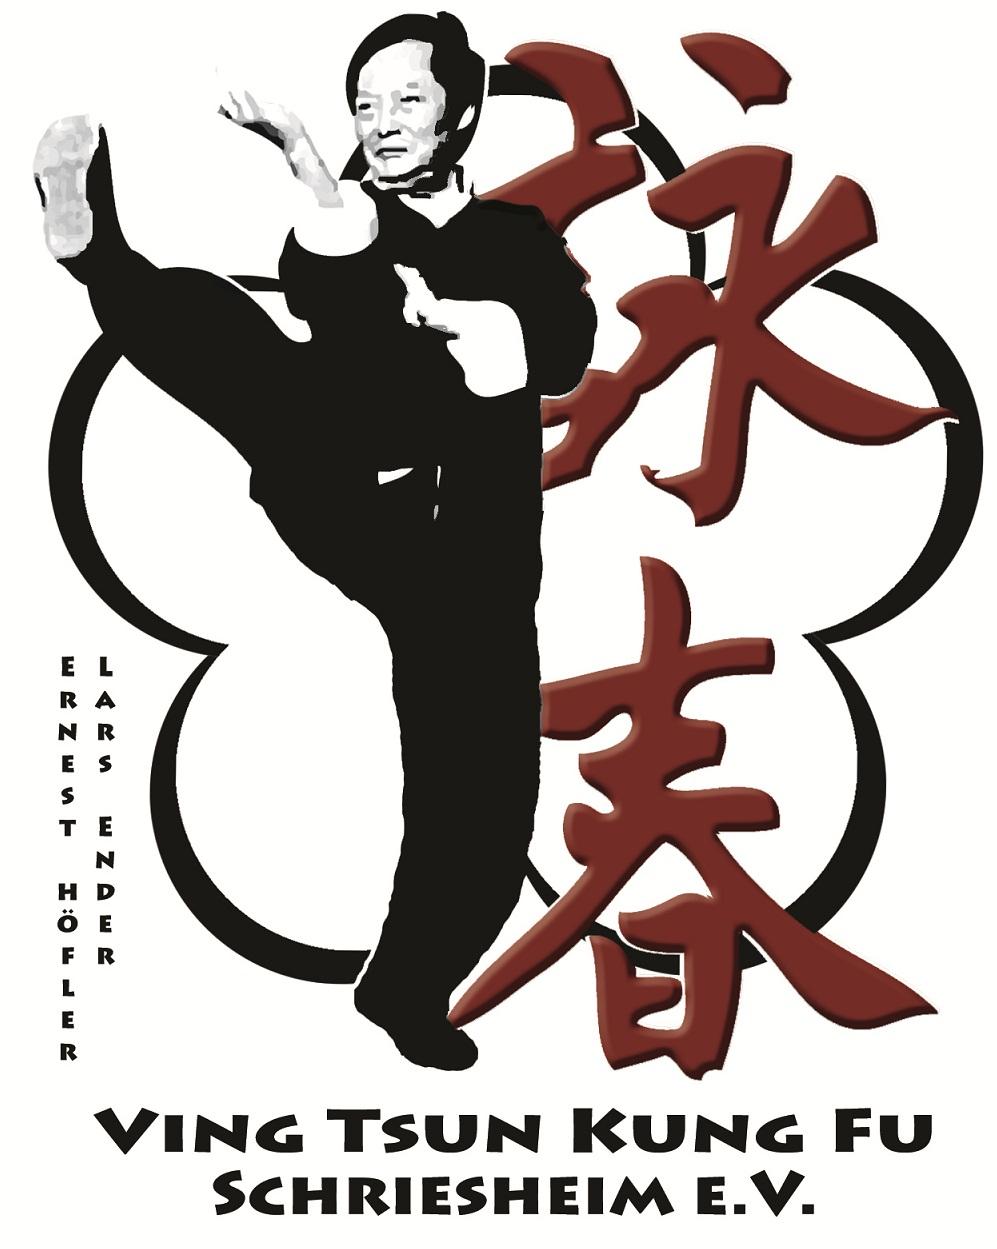 Ving Tsun Kung Fu - Schriesheim e.V.